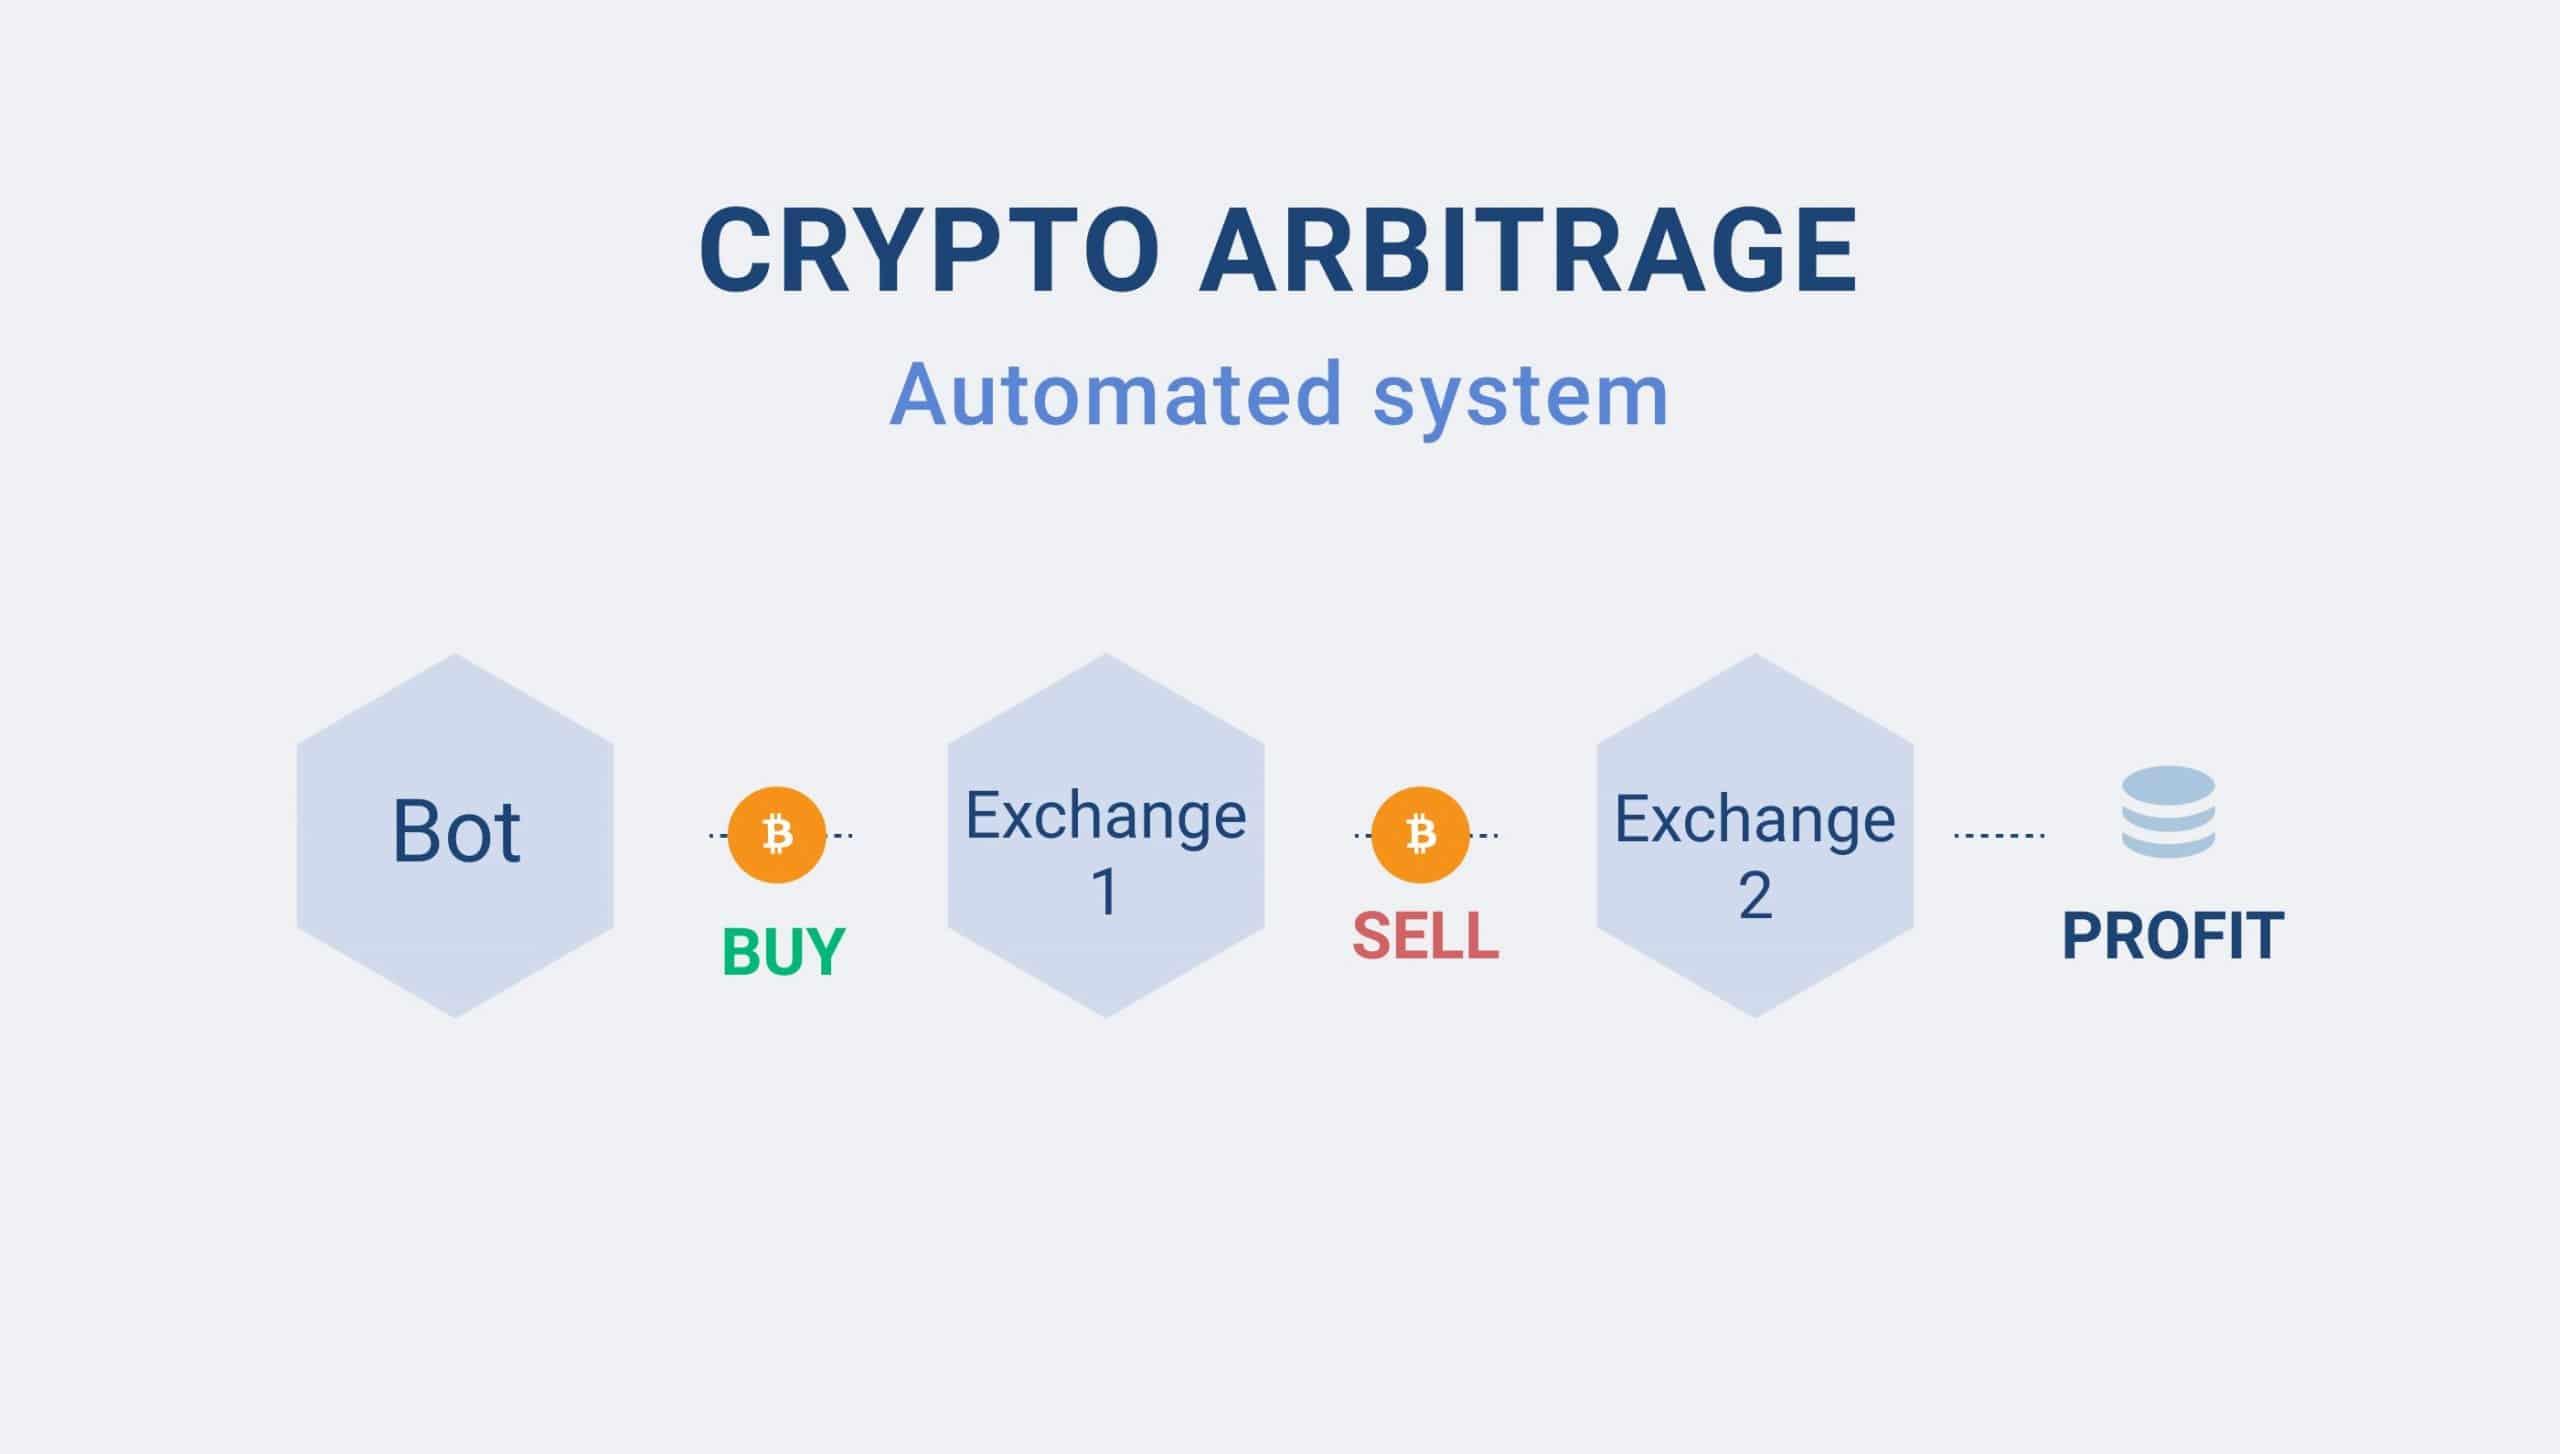 fx handelsysteme oü wie man mit krypto-arbitrage geld verdient